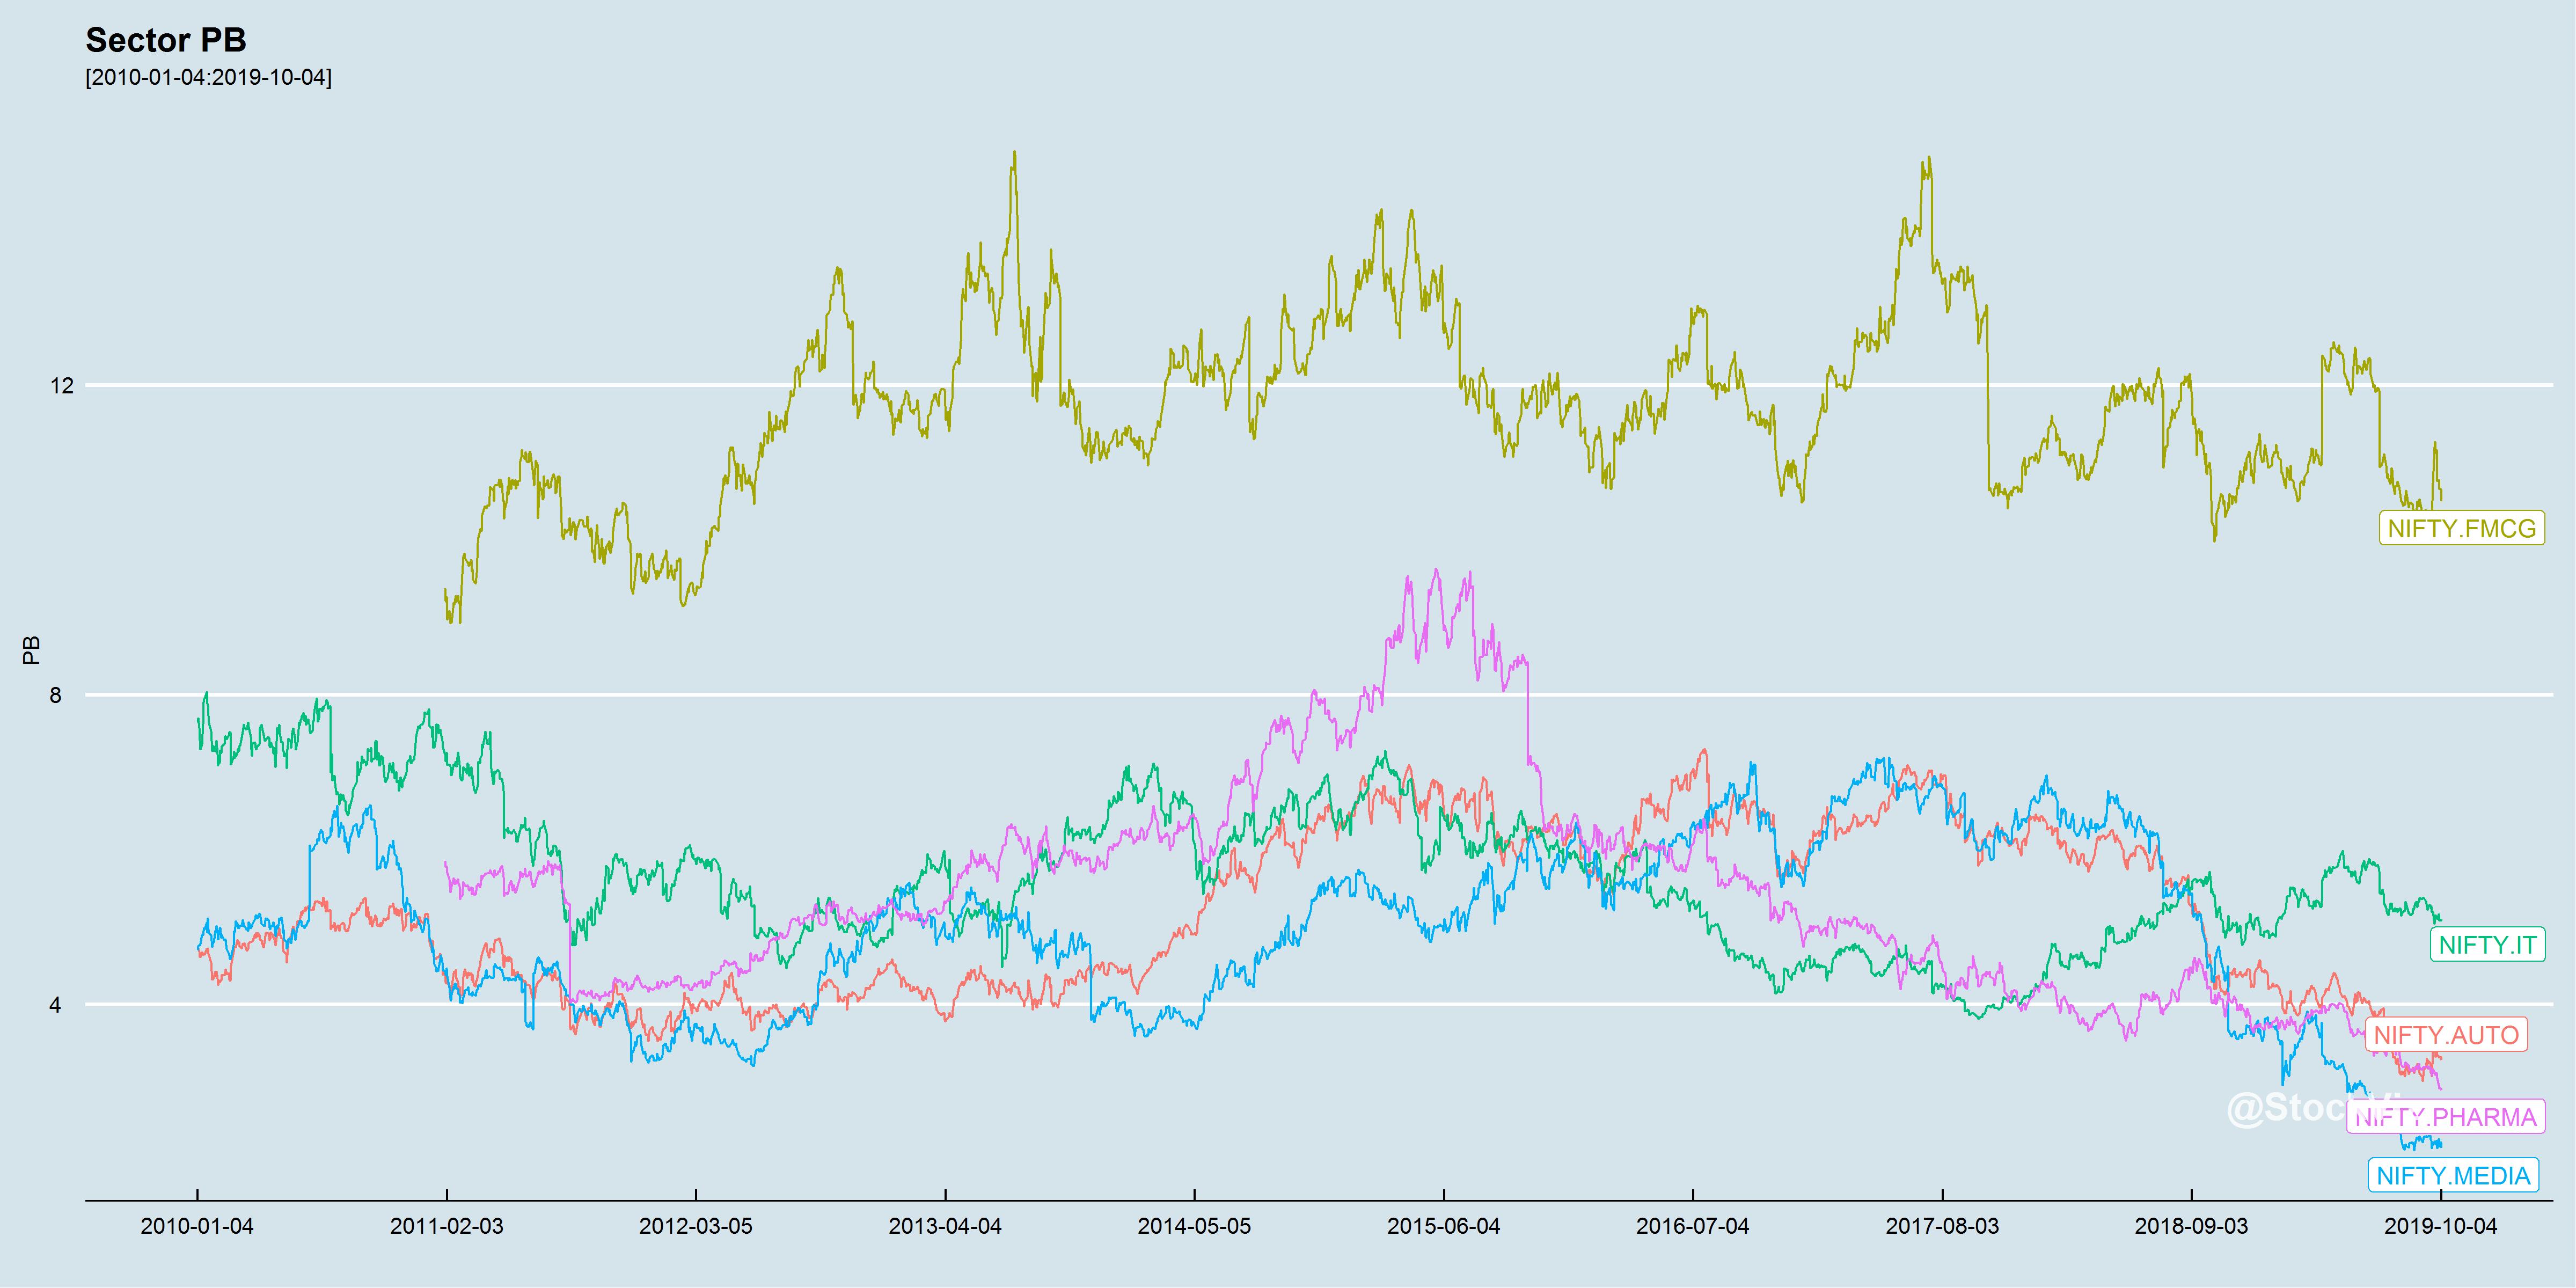 Sector PB chart